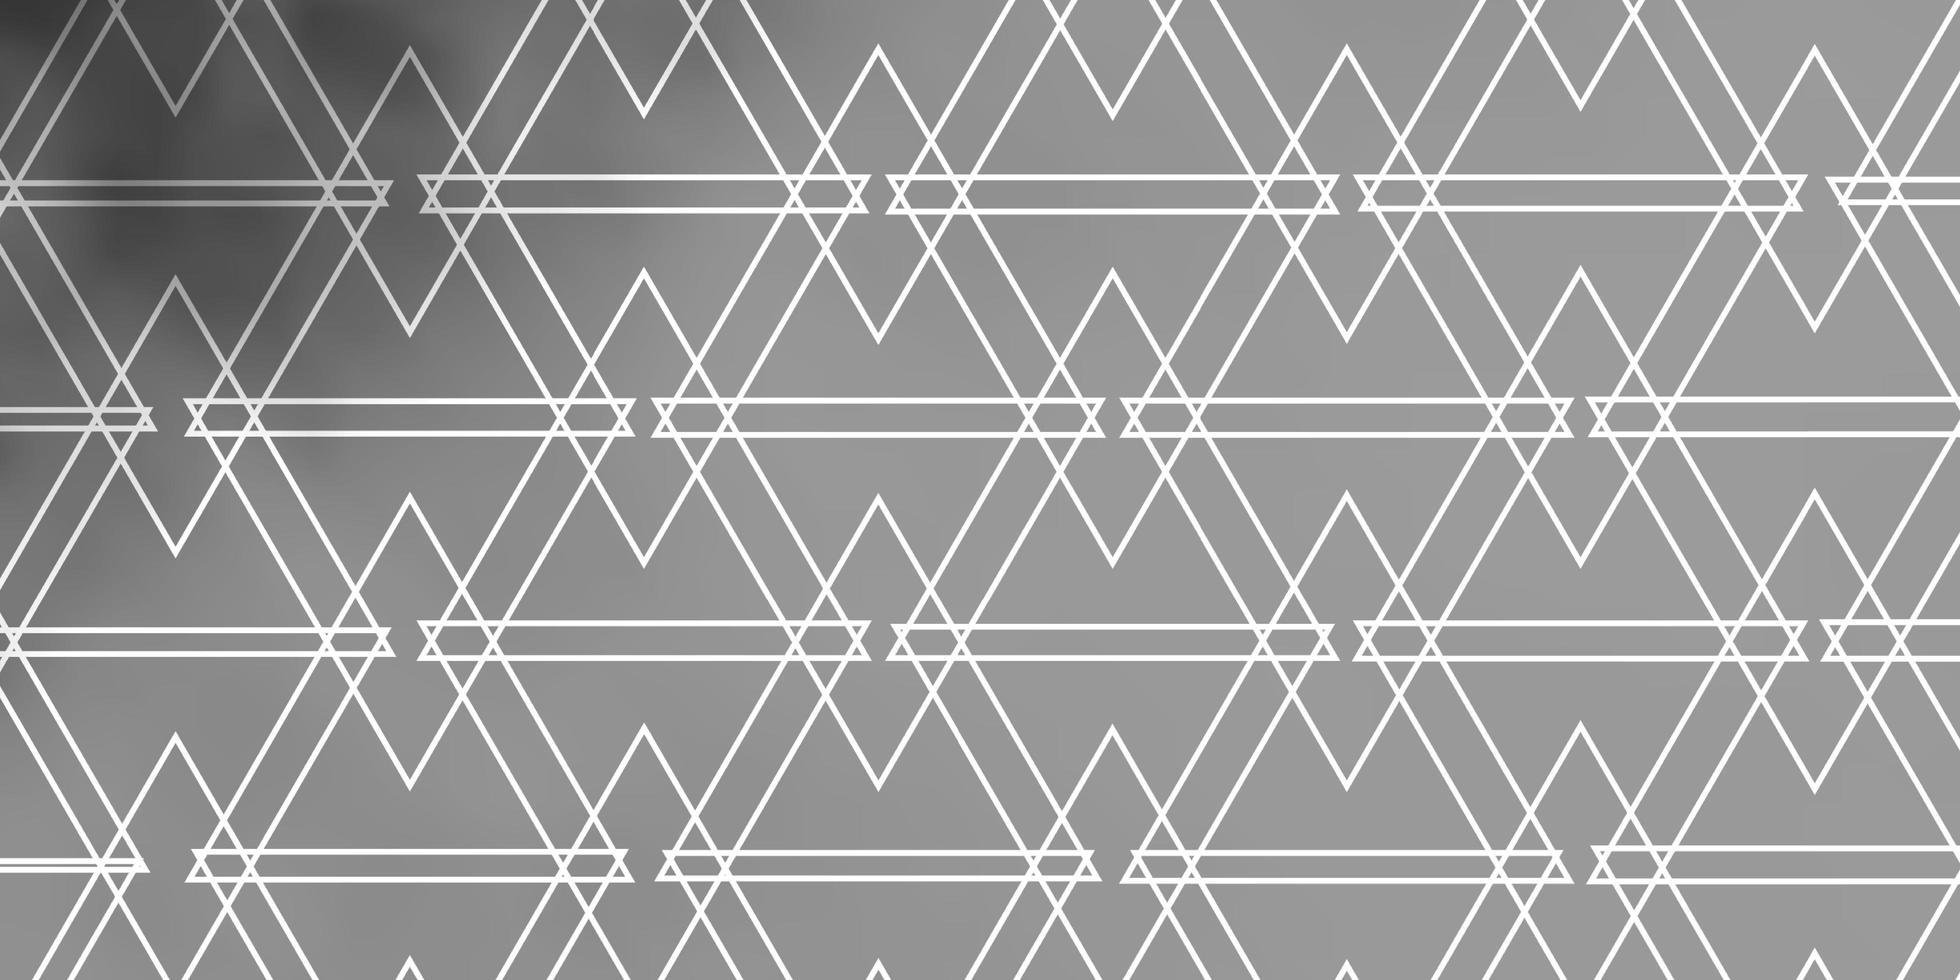 textura cinza clara com linhas, triângulos. vetor